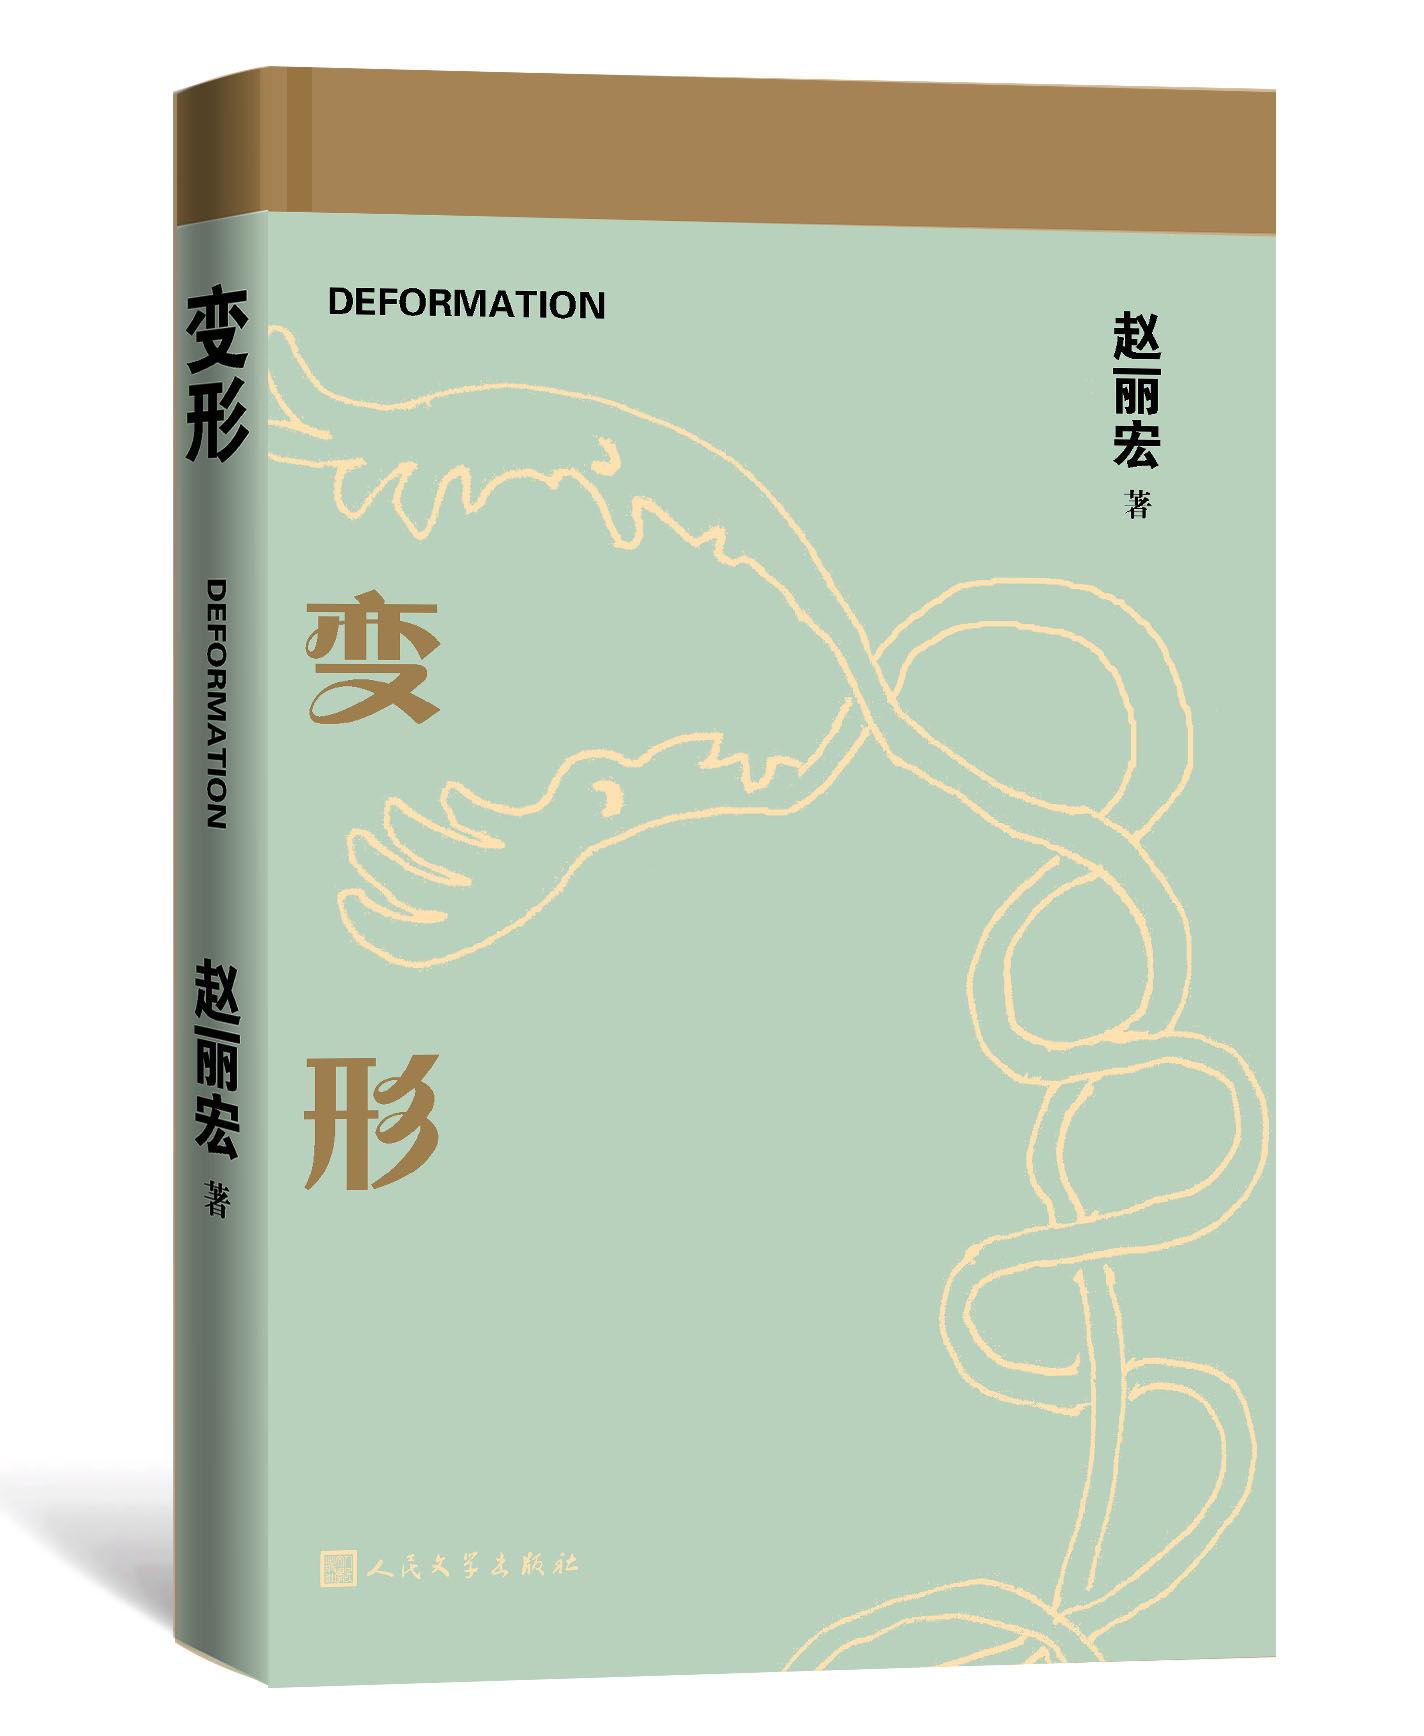 著名诗人赵丽宏新作《变形》由人文社出版,诗歌让成年人成长为儿童